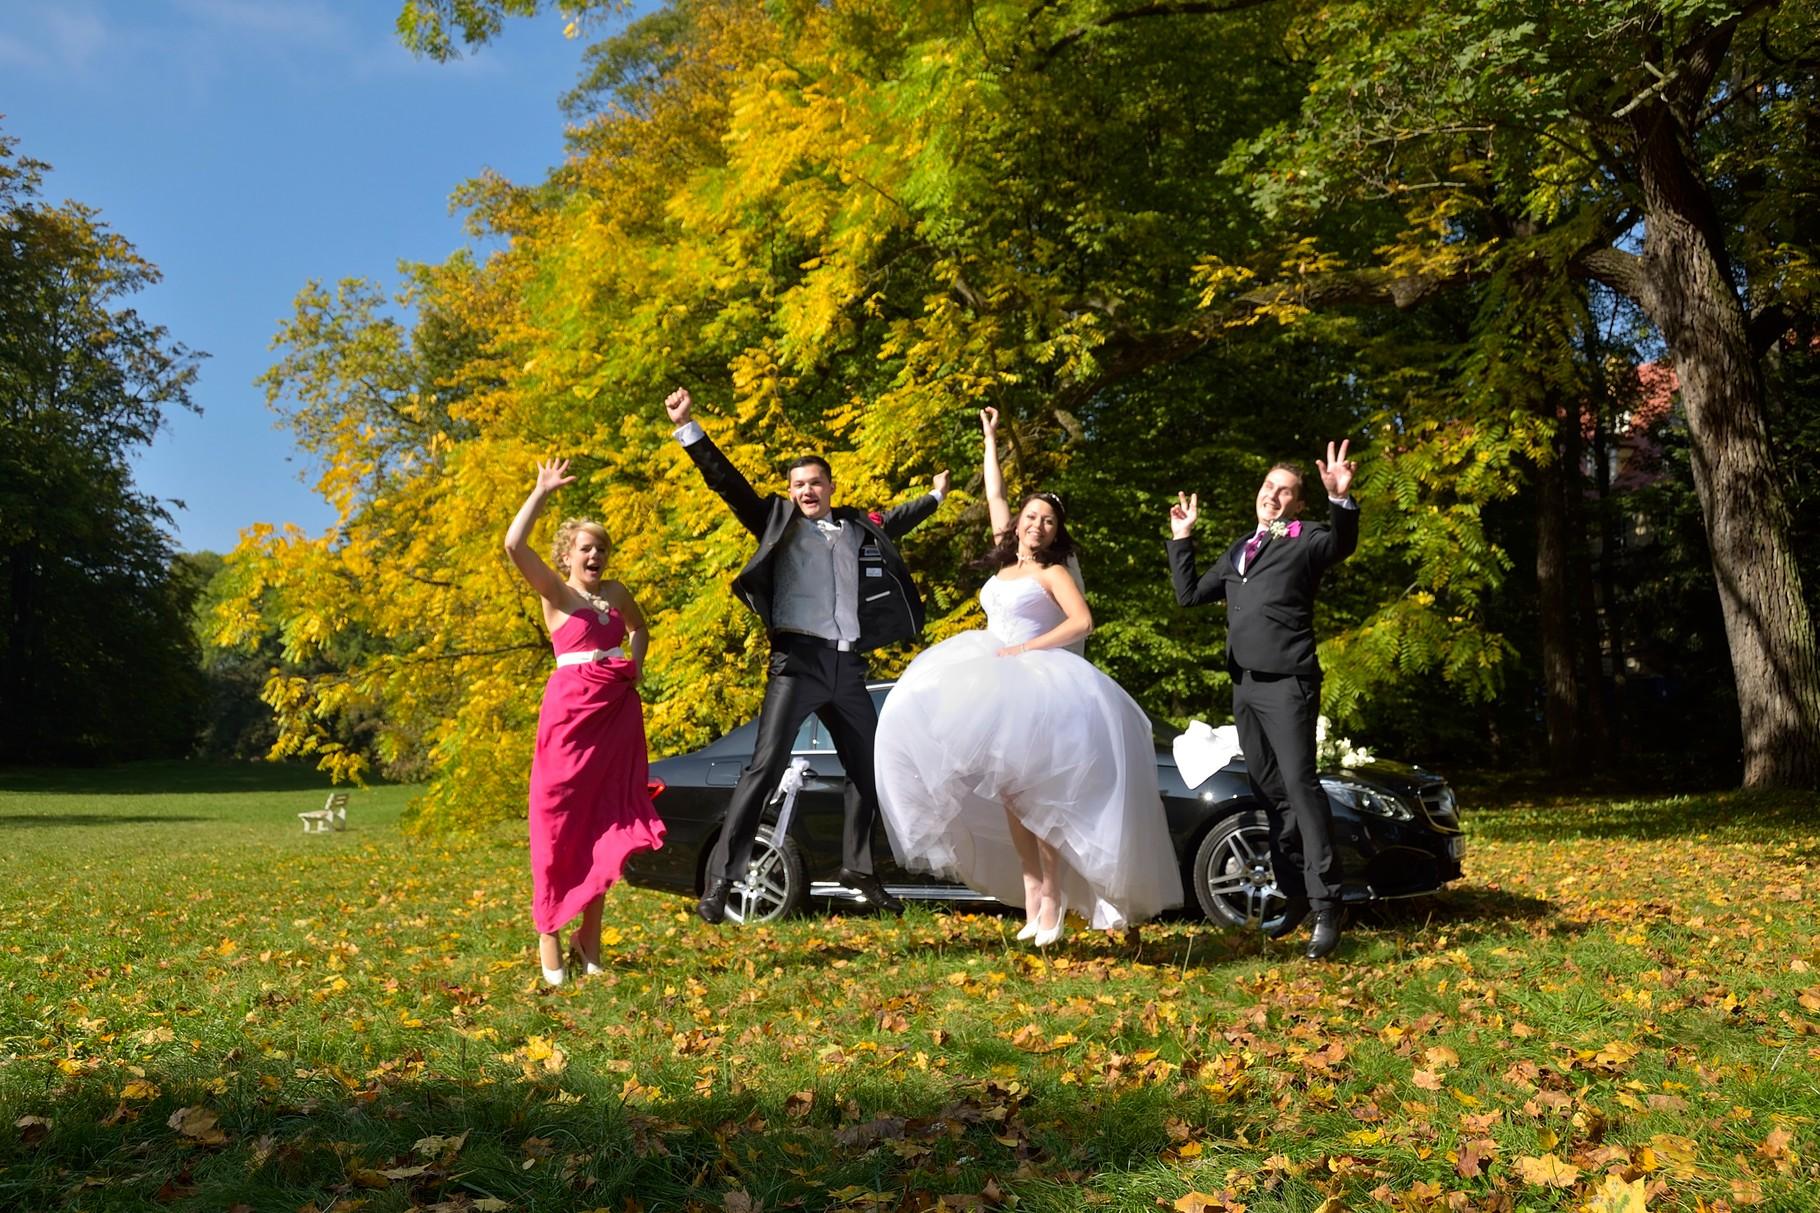 Gruppenfotos für Hochzeit in Regensburg